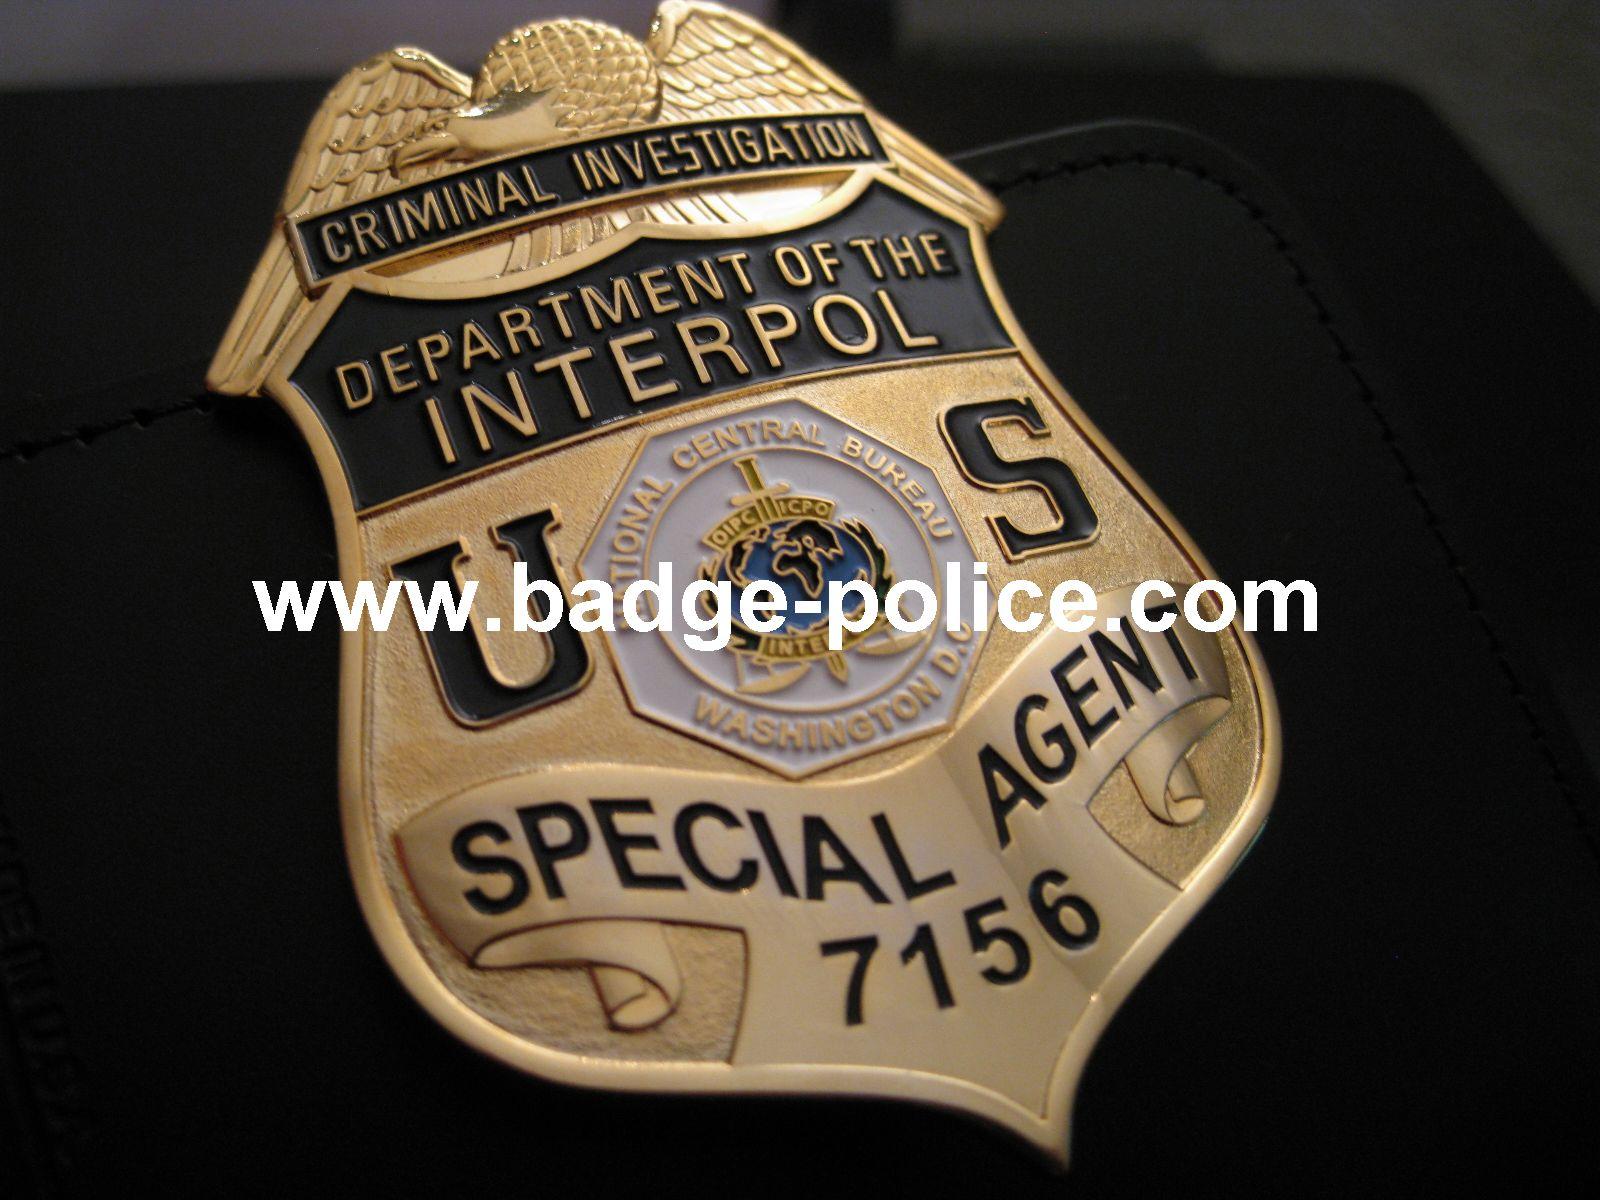 nasa oig special agent - photo #44